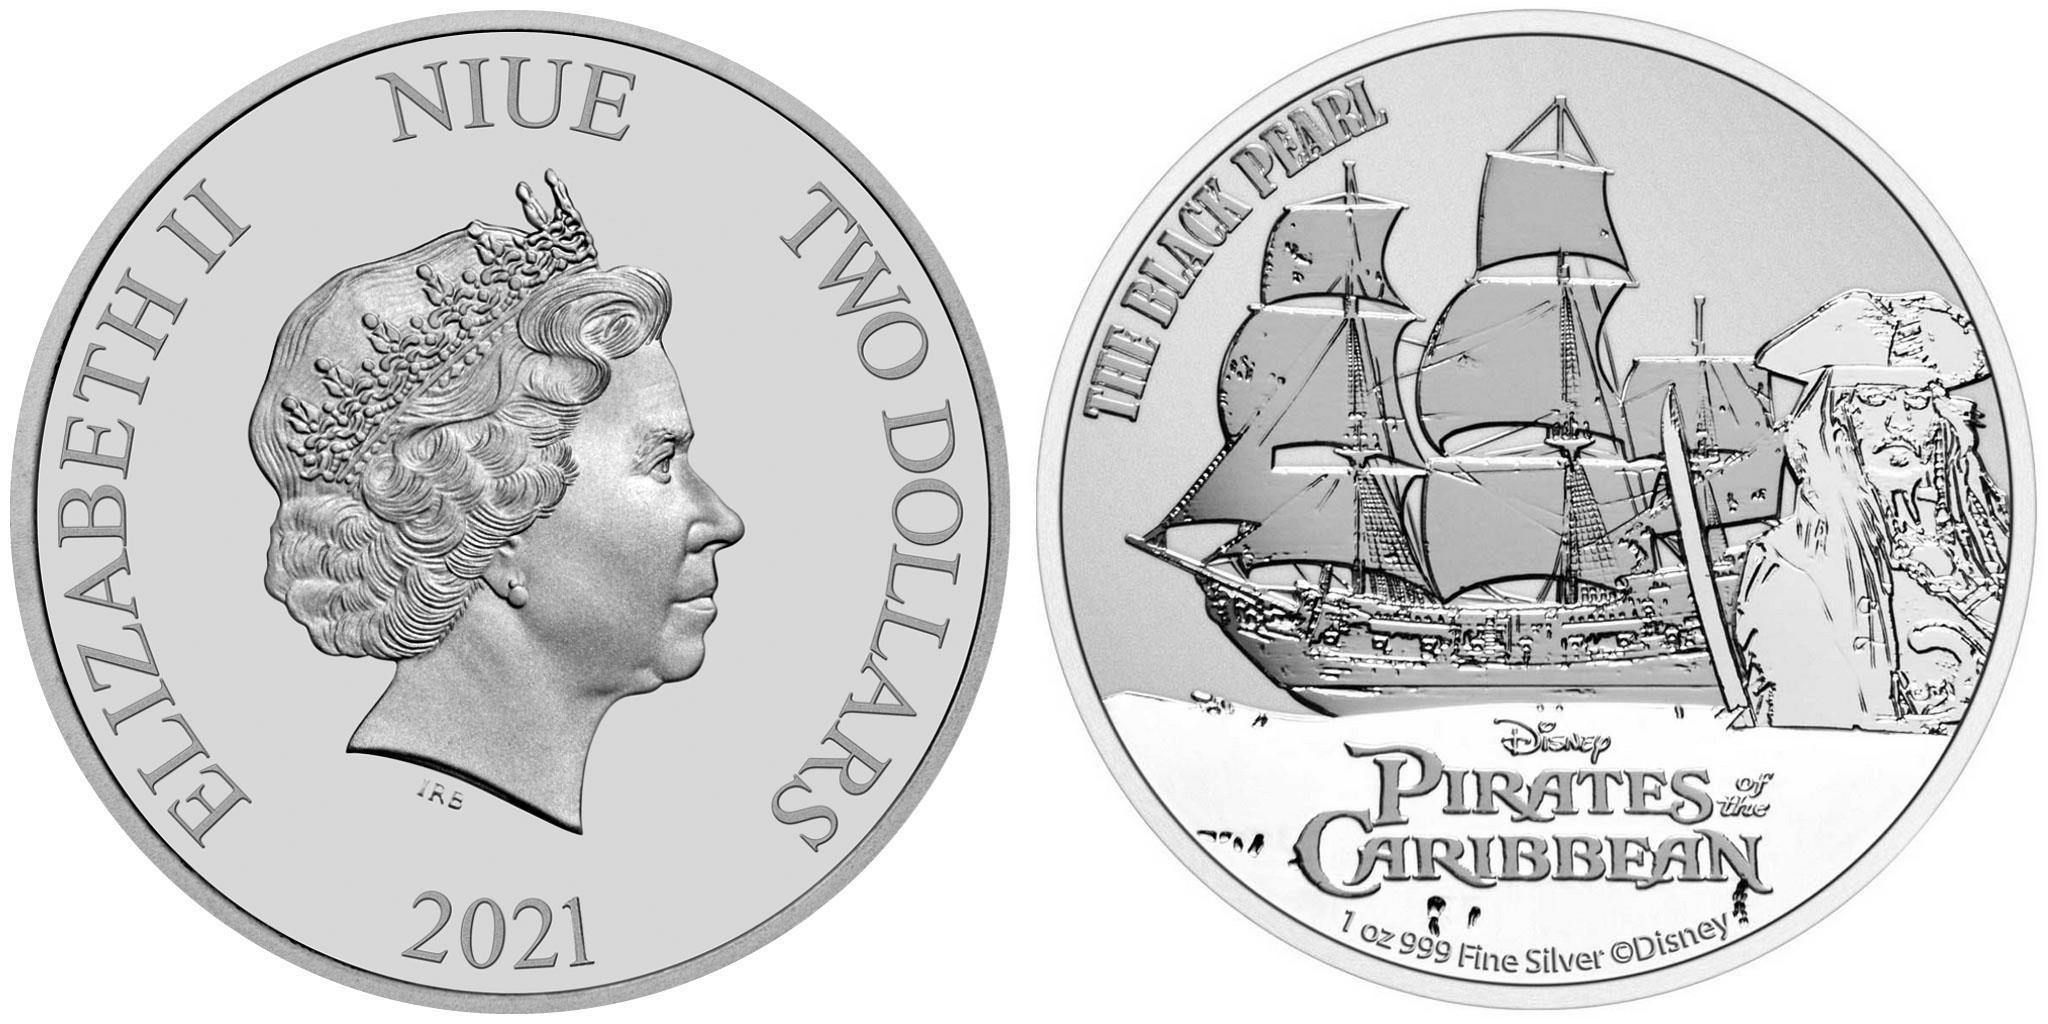 niue-2021-pirates-des-caraibes-perle-noire